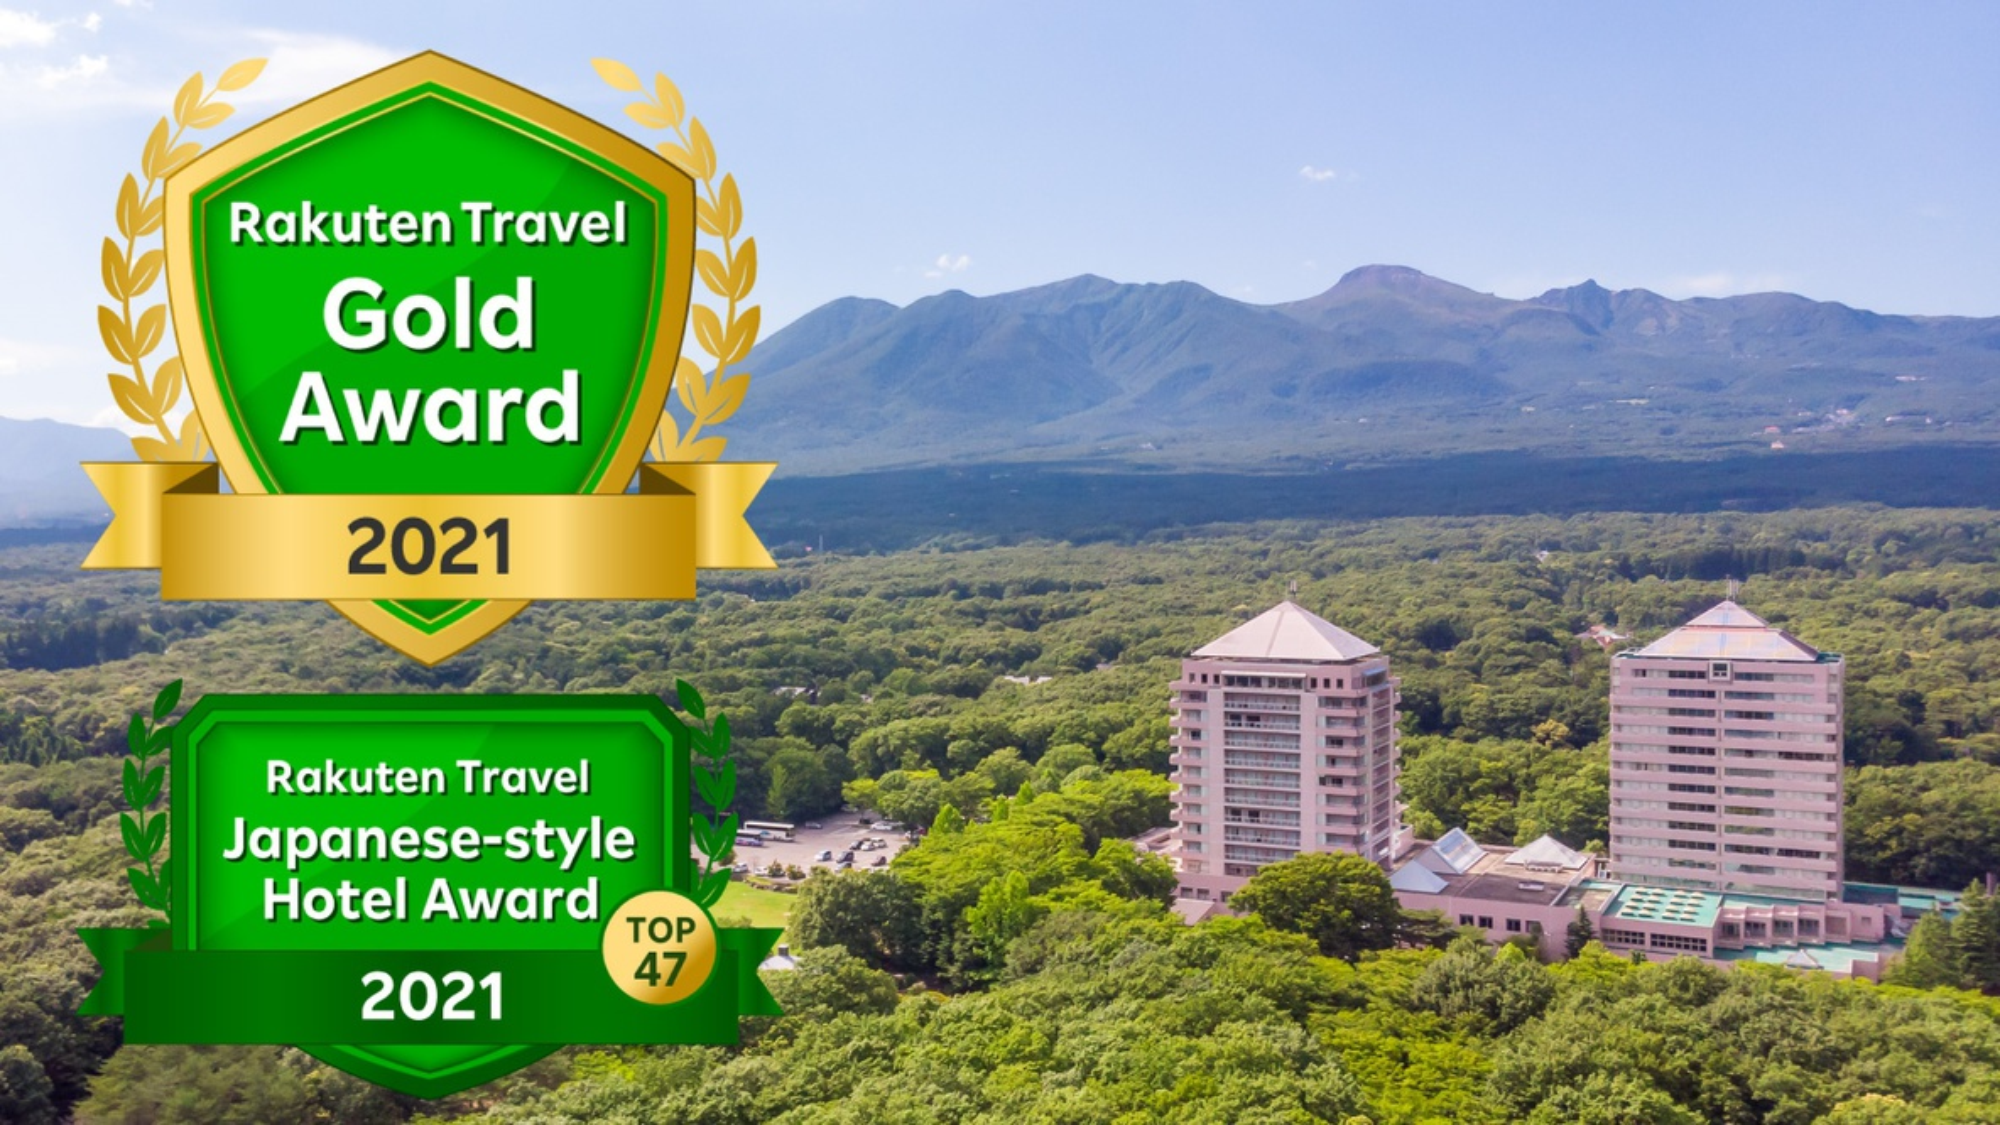 小学生の子供たちと北関東で体験できるプランがある温泉旅館を教えて!